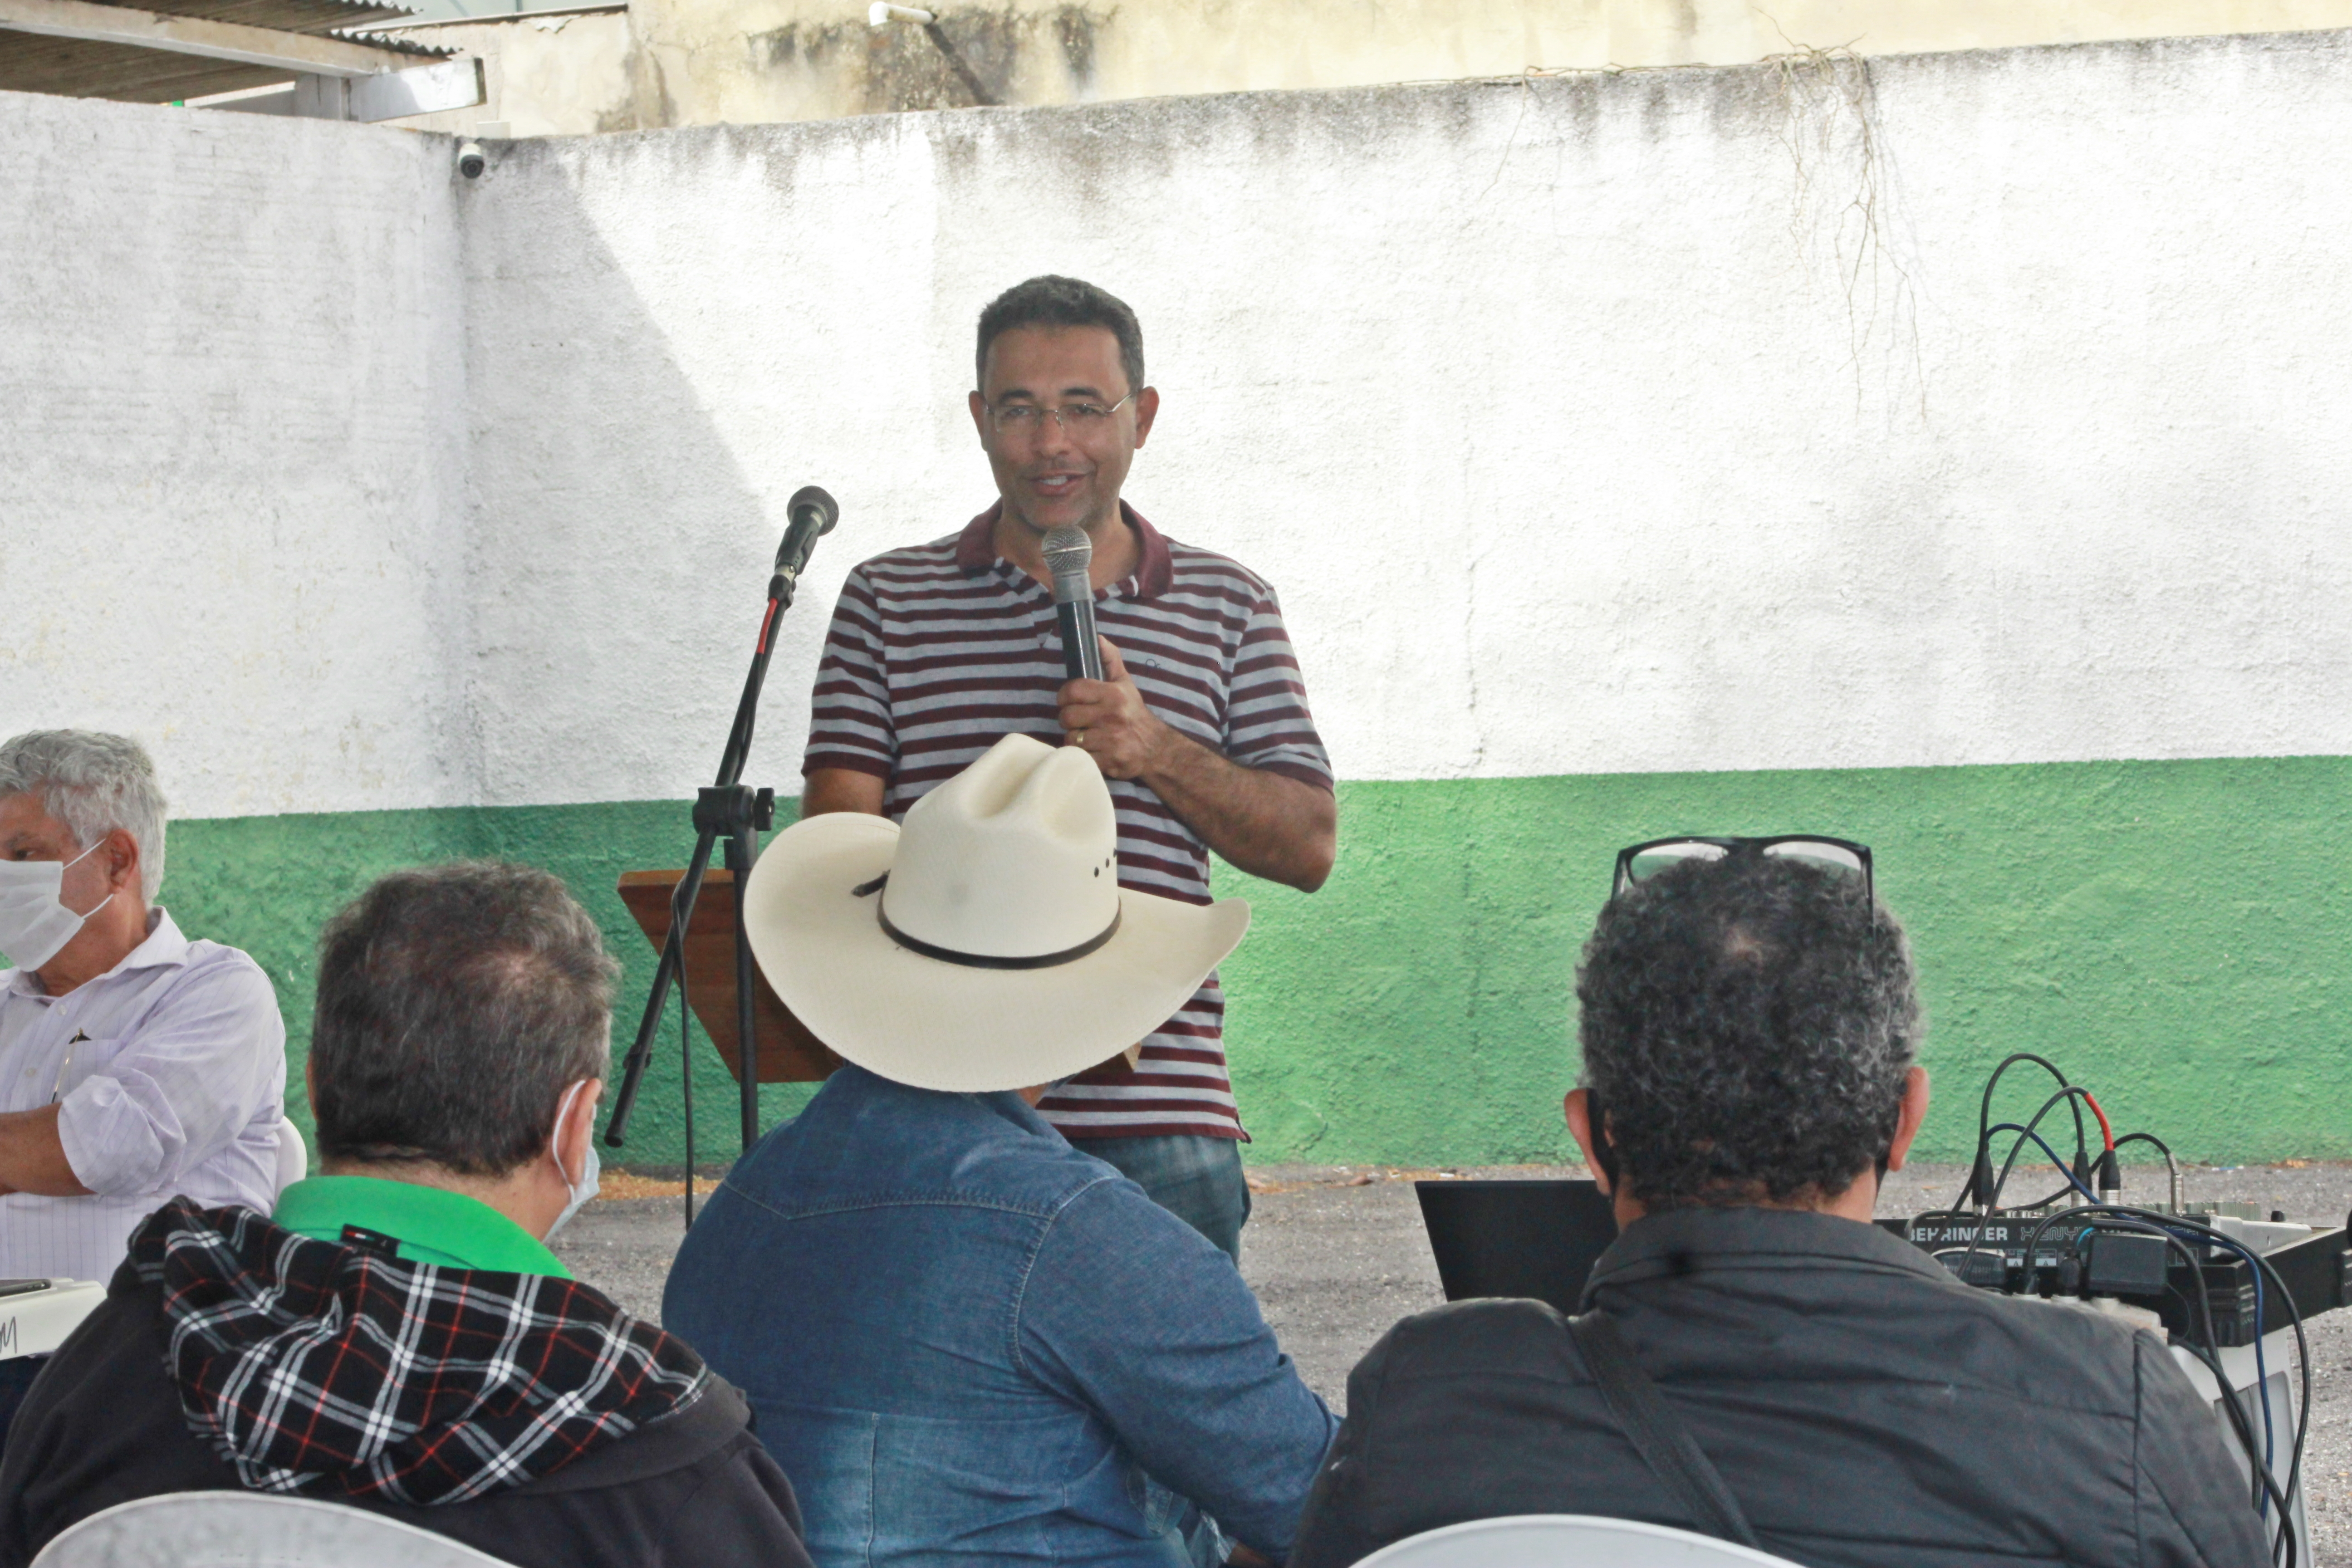 Prefeitura de Itamaraju, realiza distribuição de 2ª remessa de alevinos a produtores rurais do município